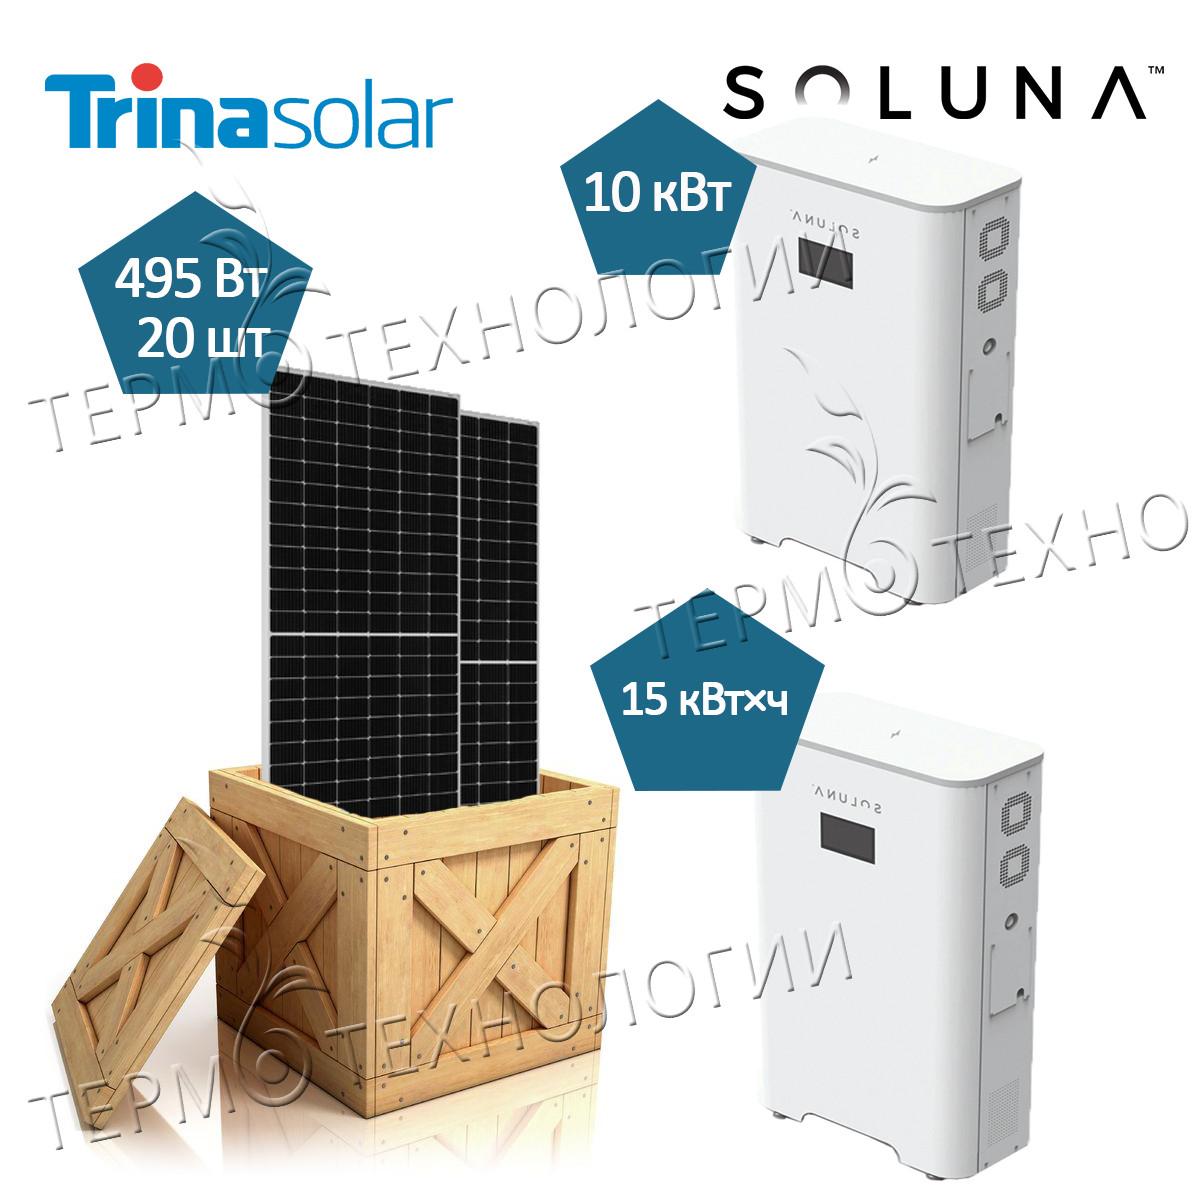 Комплект для гибридной солнечной станции 10 кВт Soluna и Trina Solar 495 Вт